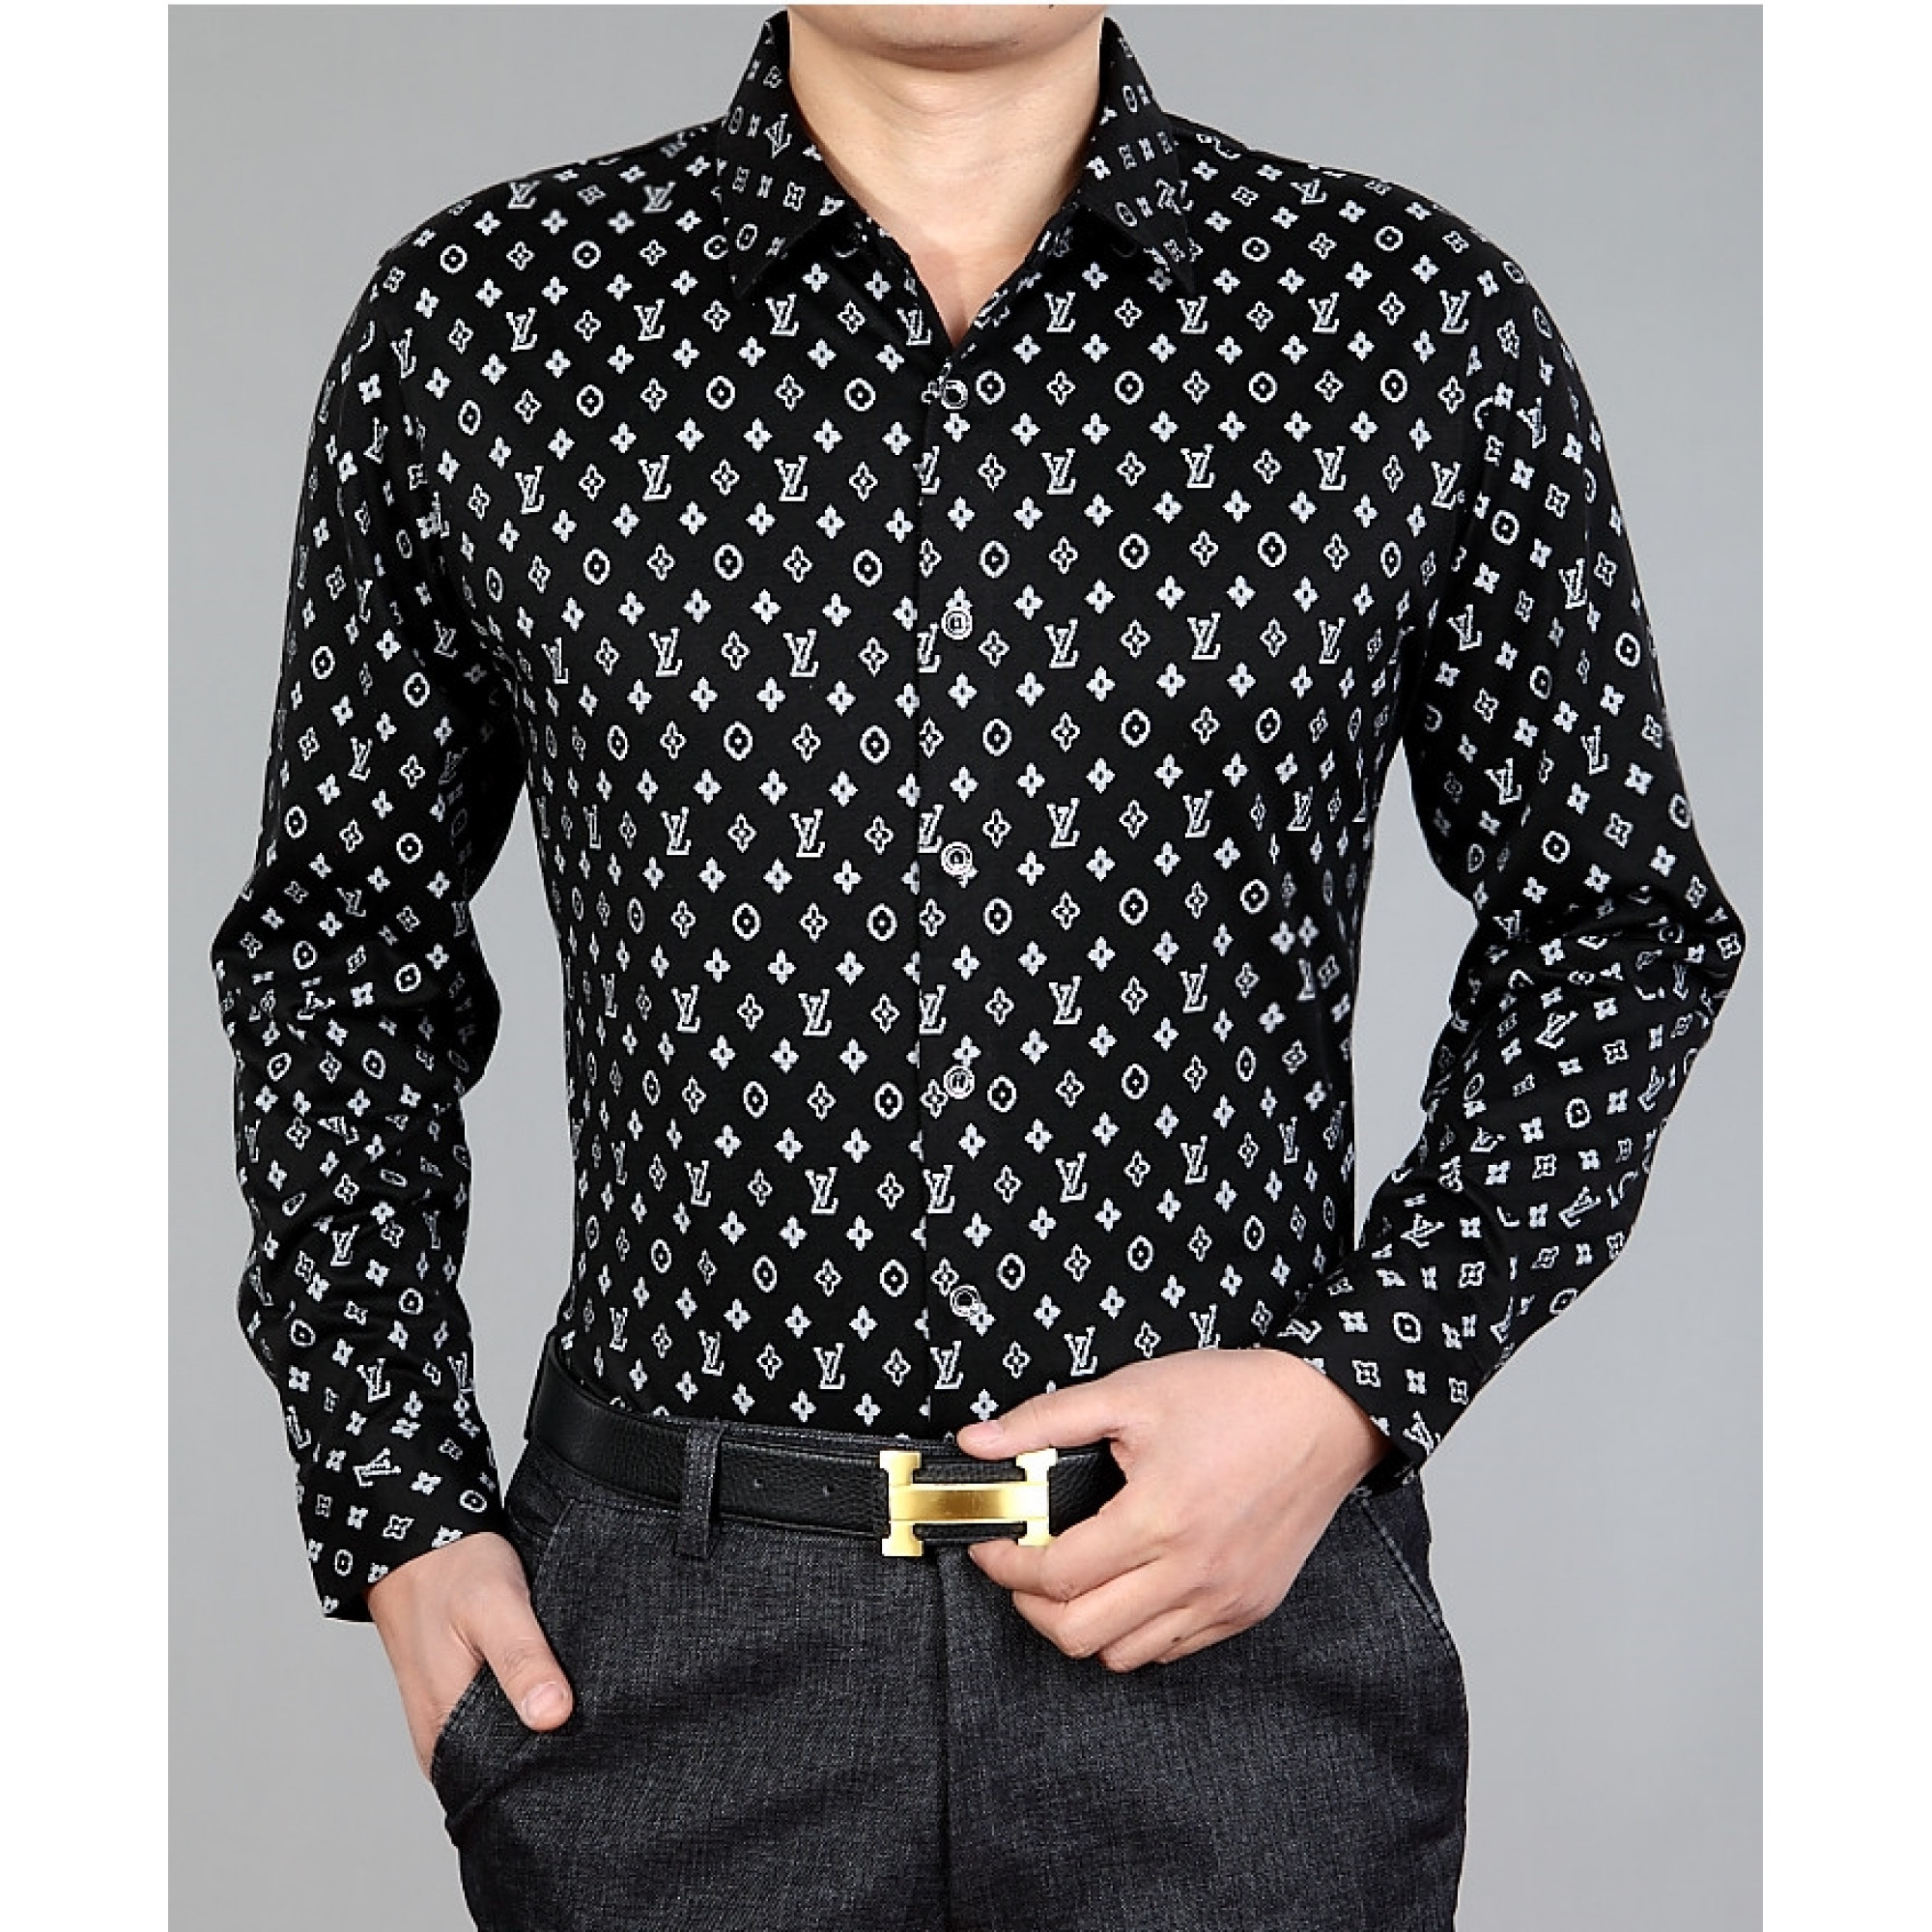 Купить стильная мужская рубашка Louis Vuitton — в Киеве, код товара 3489 1cda4cc1fa4